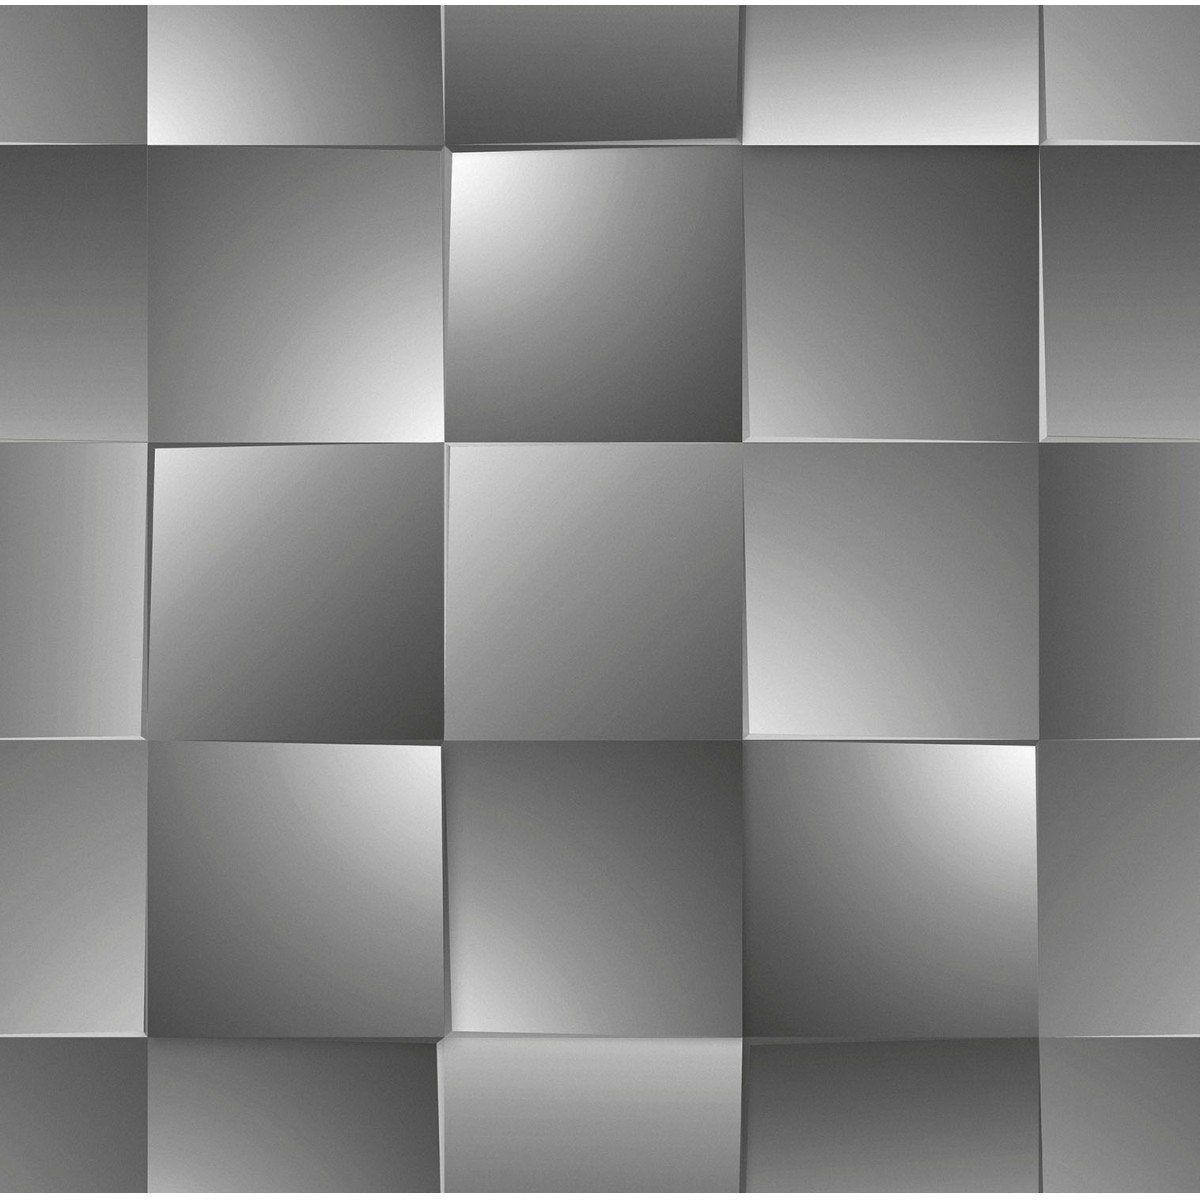 Papel de Parede Bobinex Coleção Dimensões Quadrado Preto L01 4717 - Lyam Decor